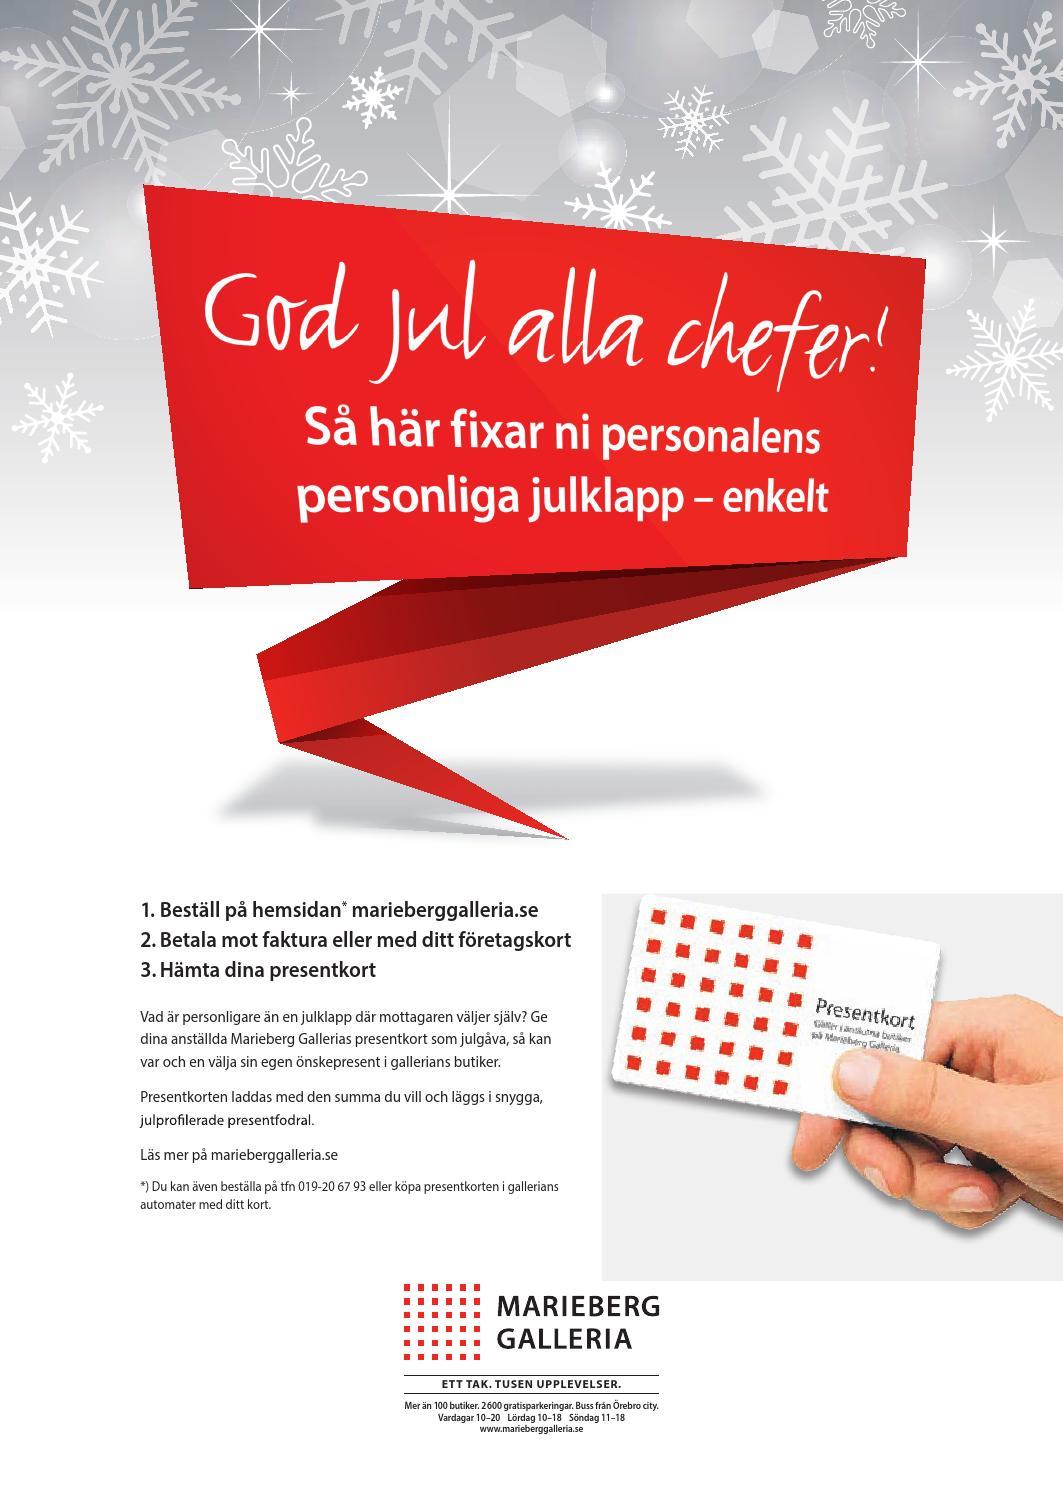 marieberg galleria öppettider jul